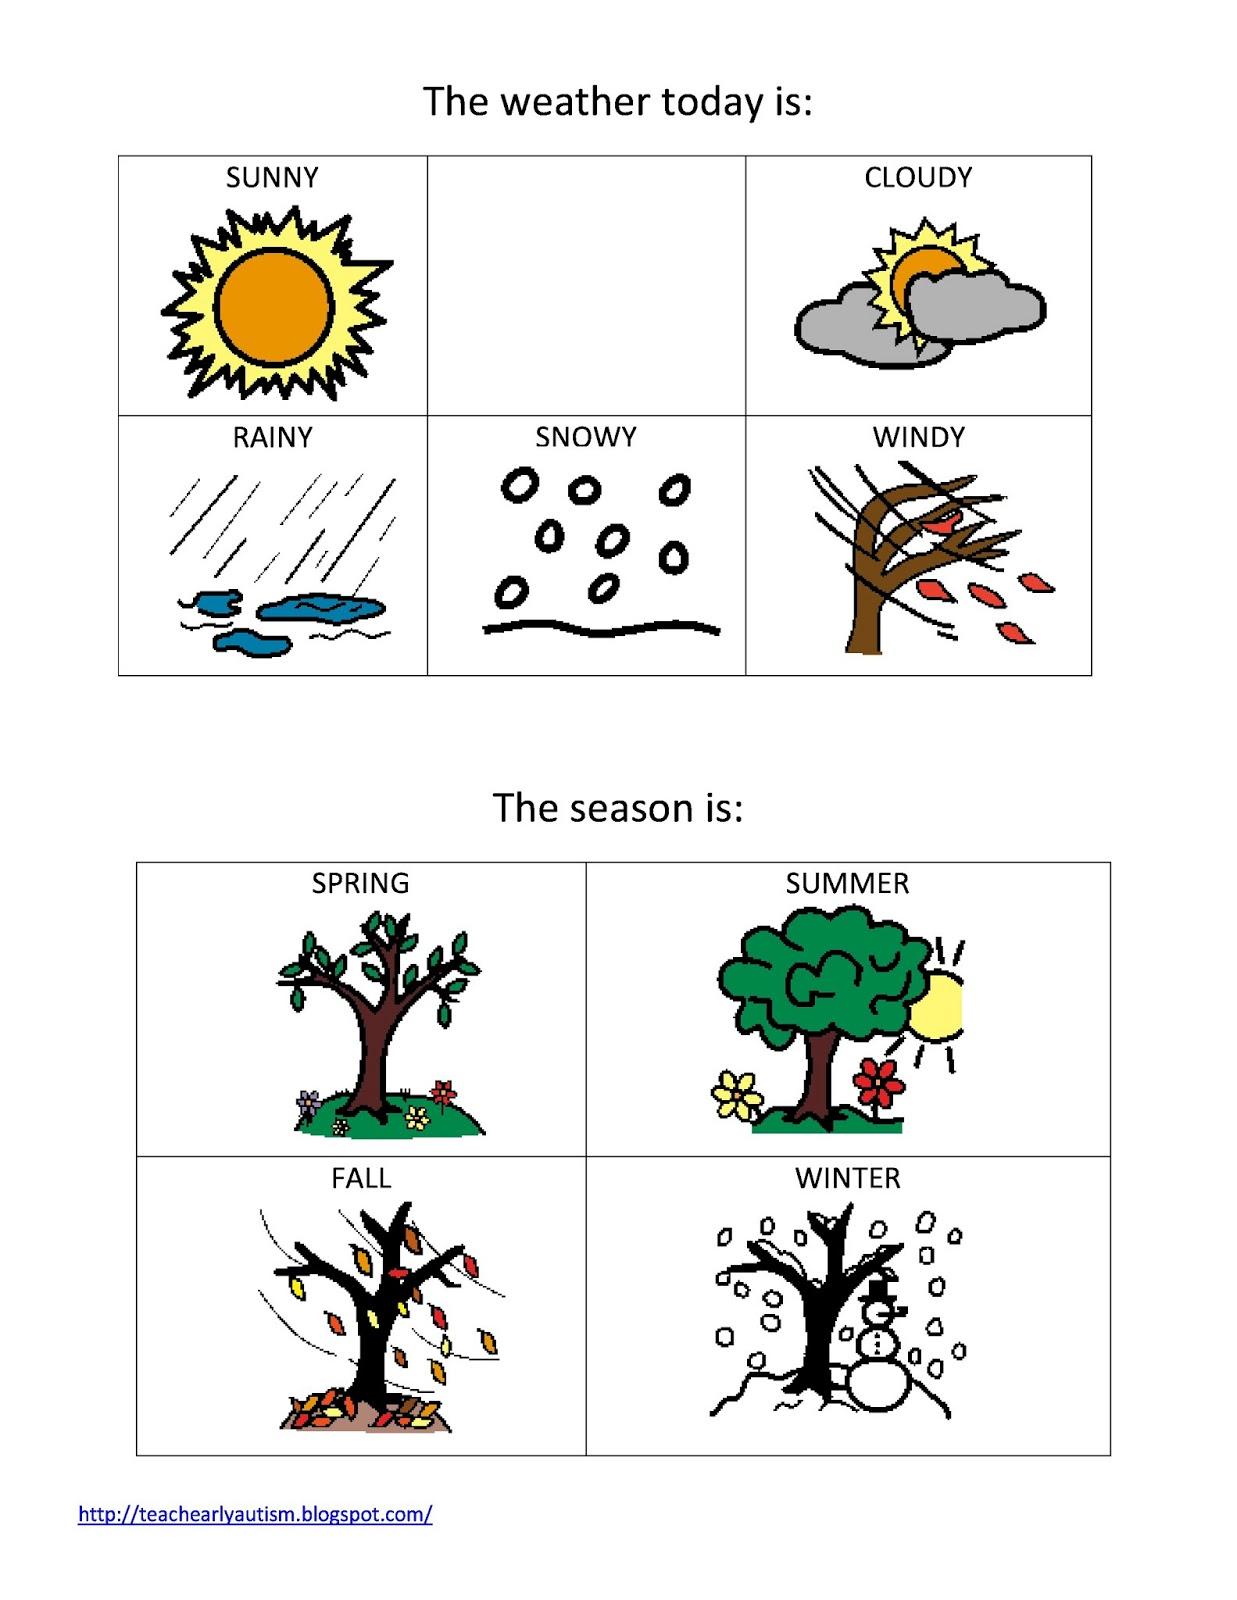 Bright image with regard to seasons printable